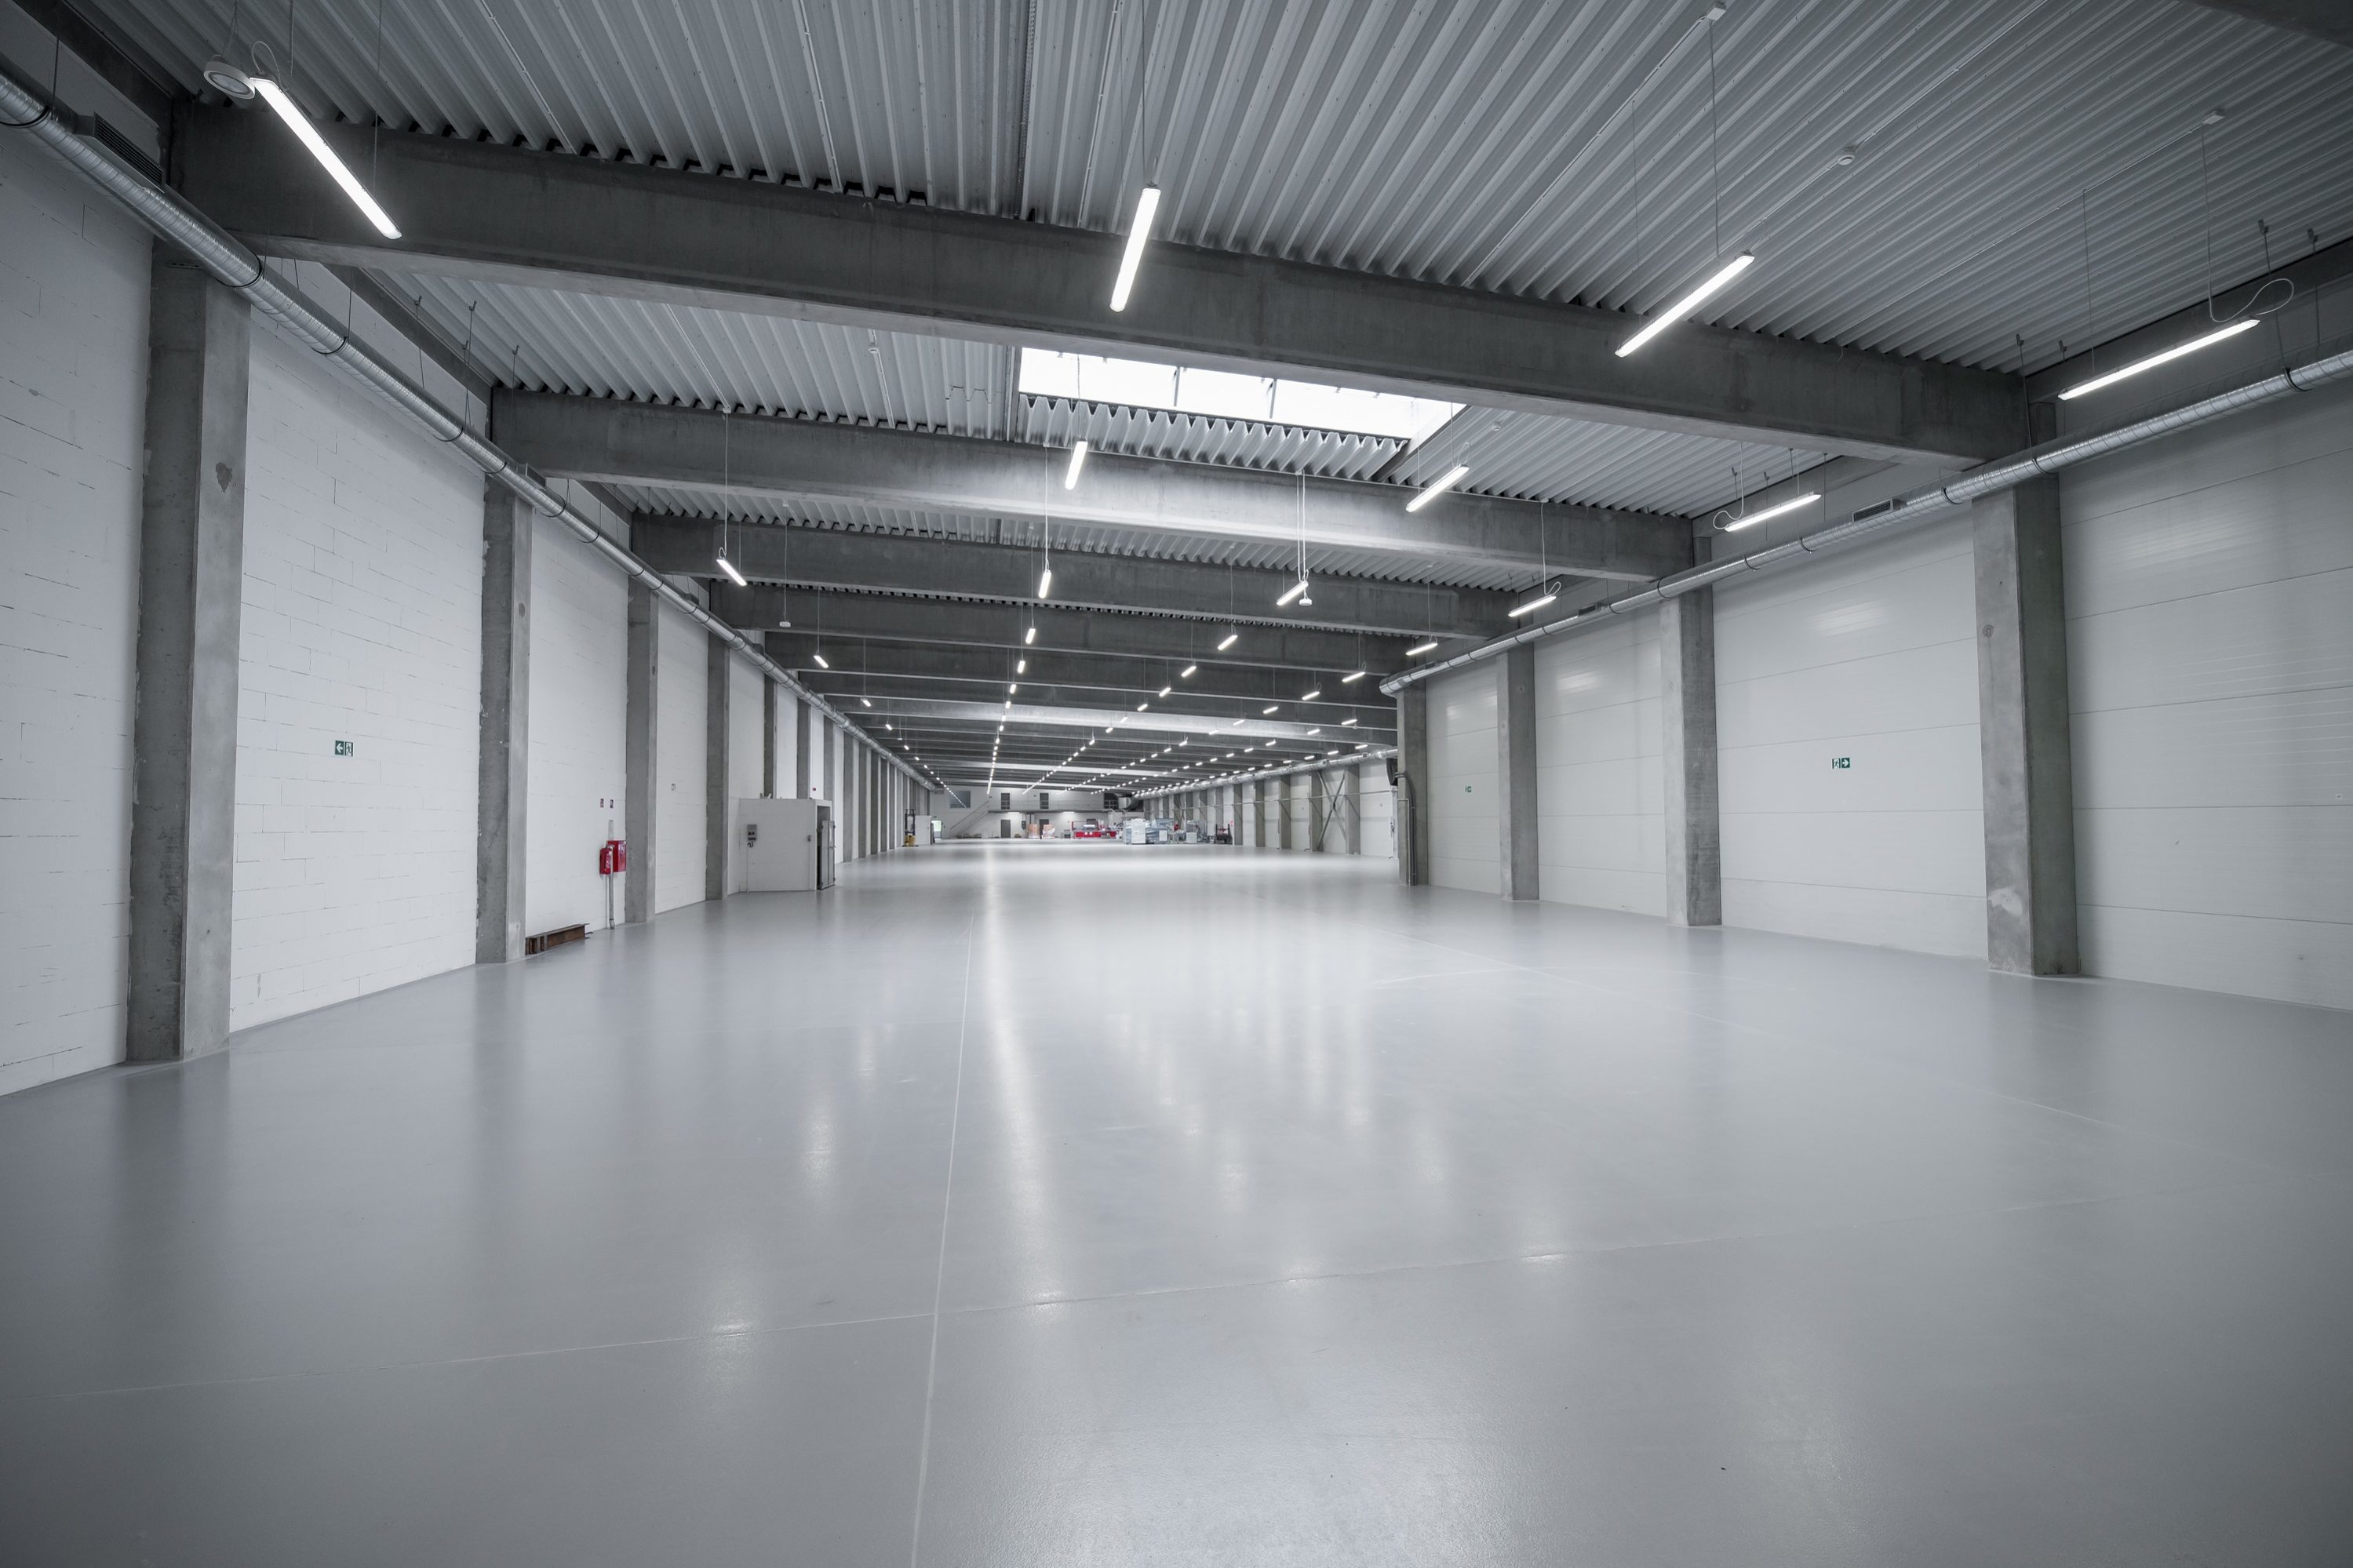 oprawy Ultima w hali przemysłowej firmy Euroimpex - Luxon LED